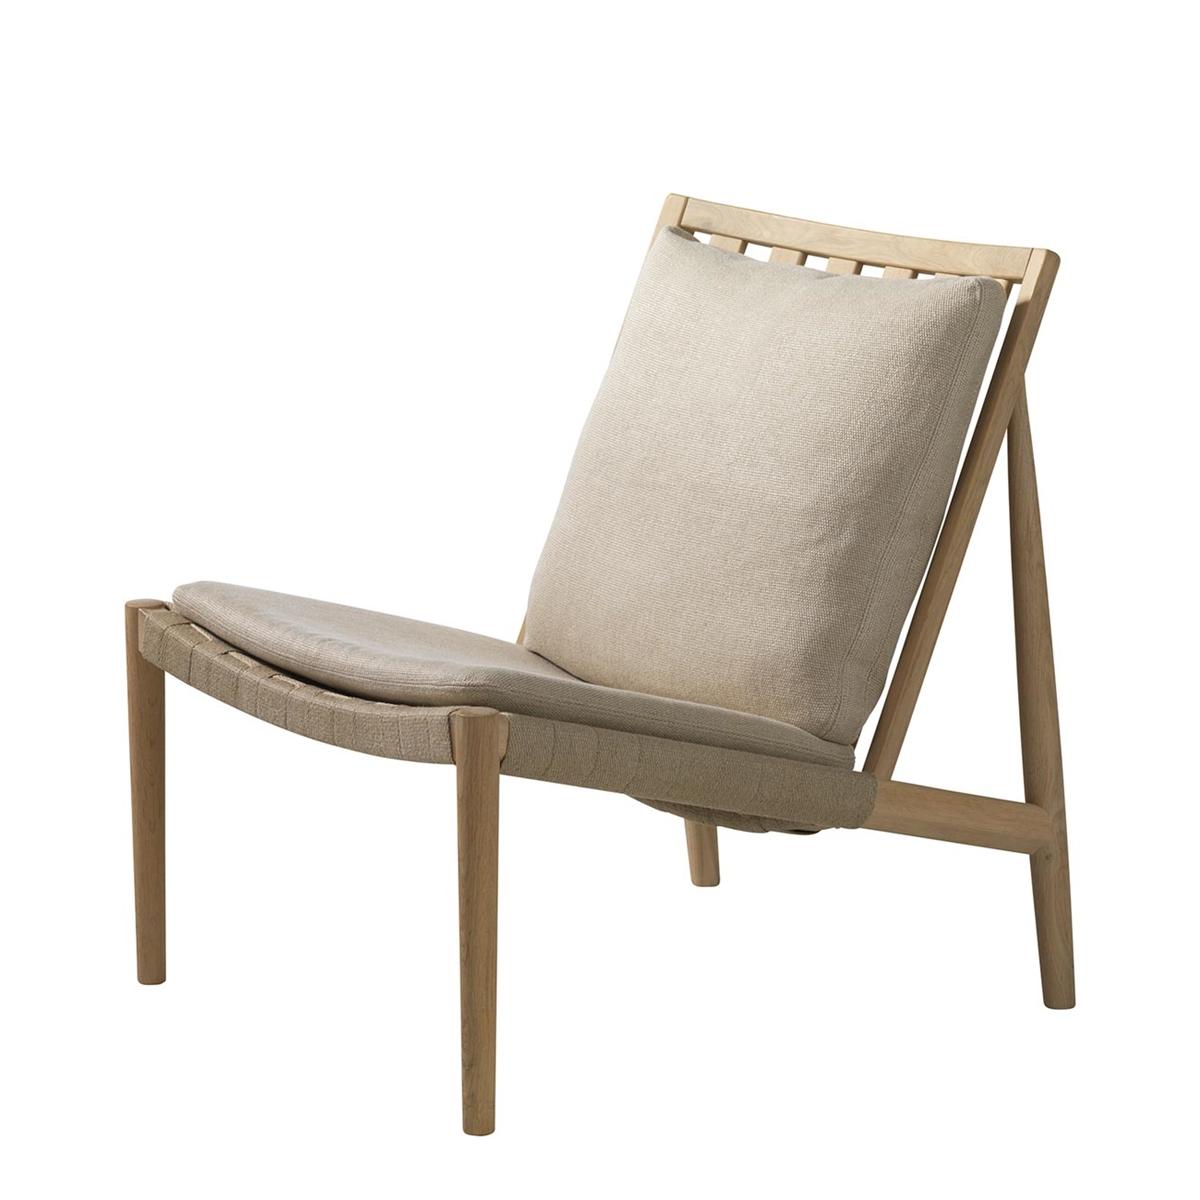 Easychair H9d9 Easy Chair Eik Hvitolje norrgavel